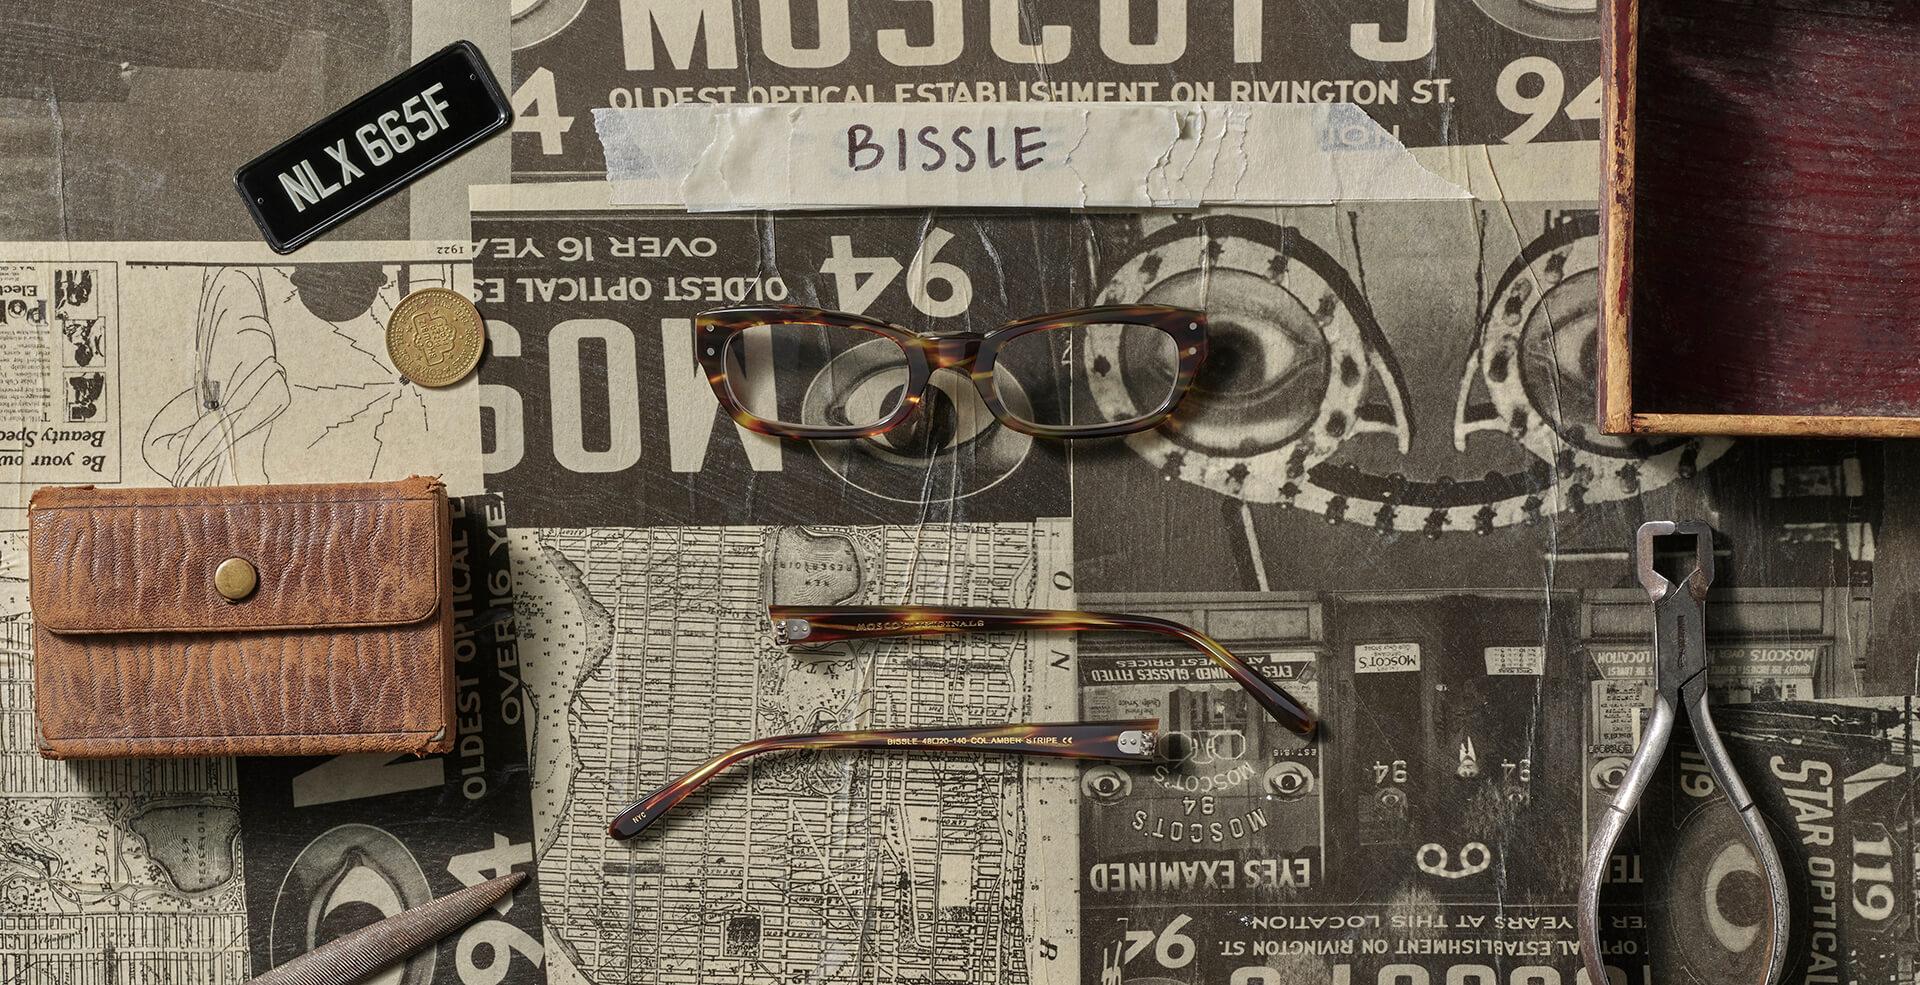 Disassembled BISSLE frame in Amber Stripe